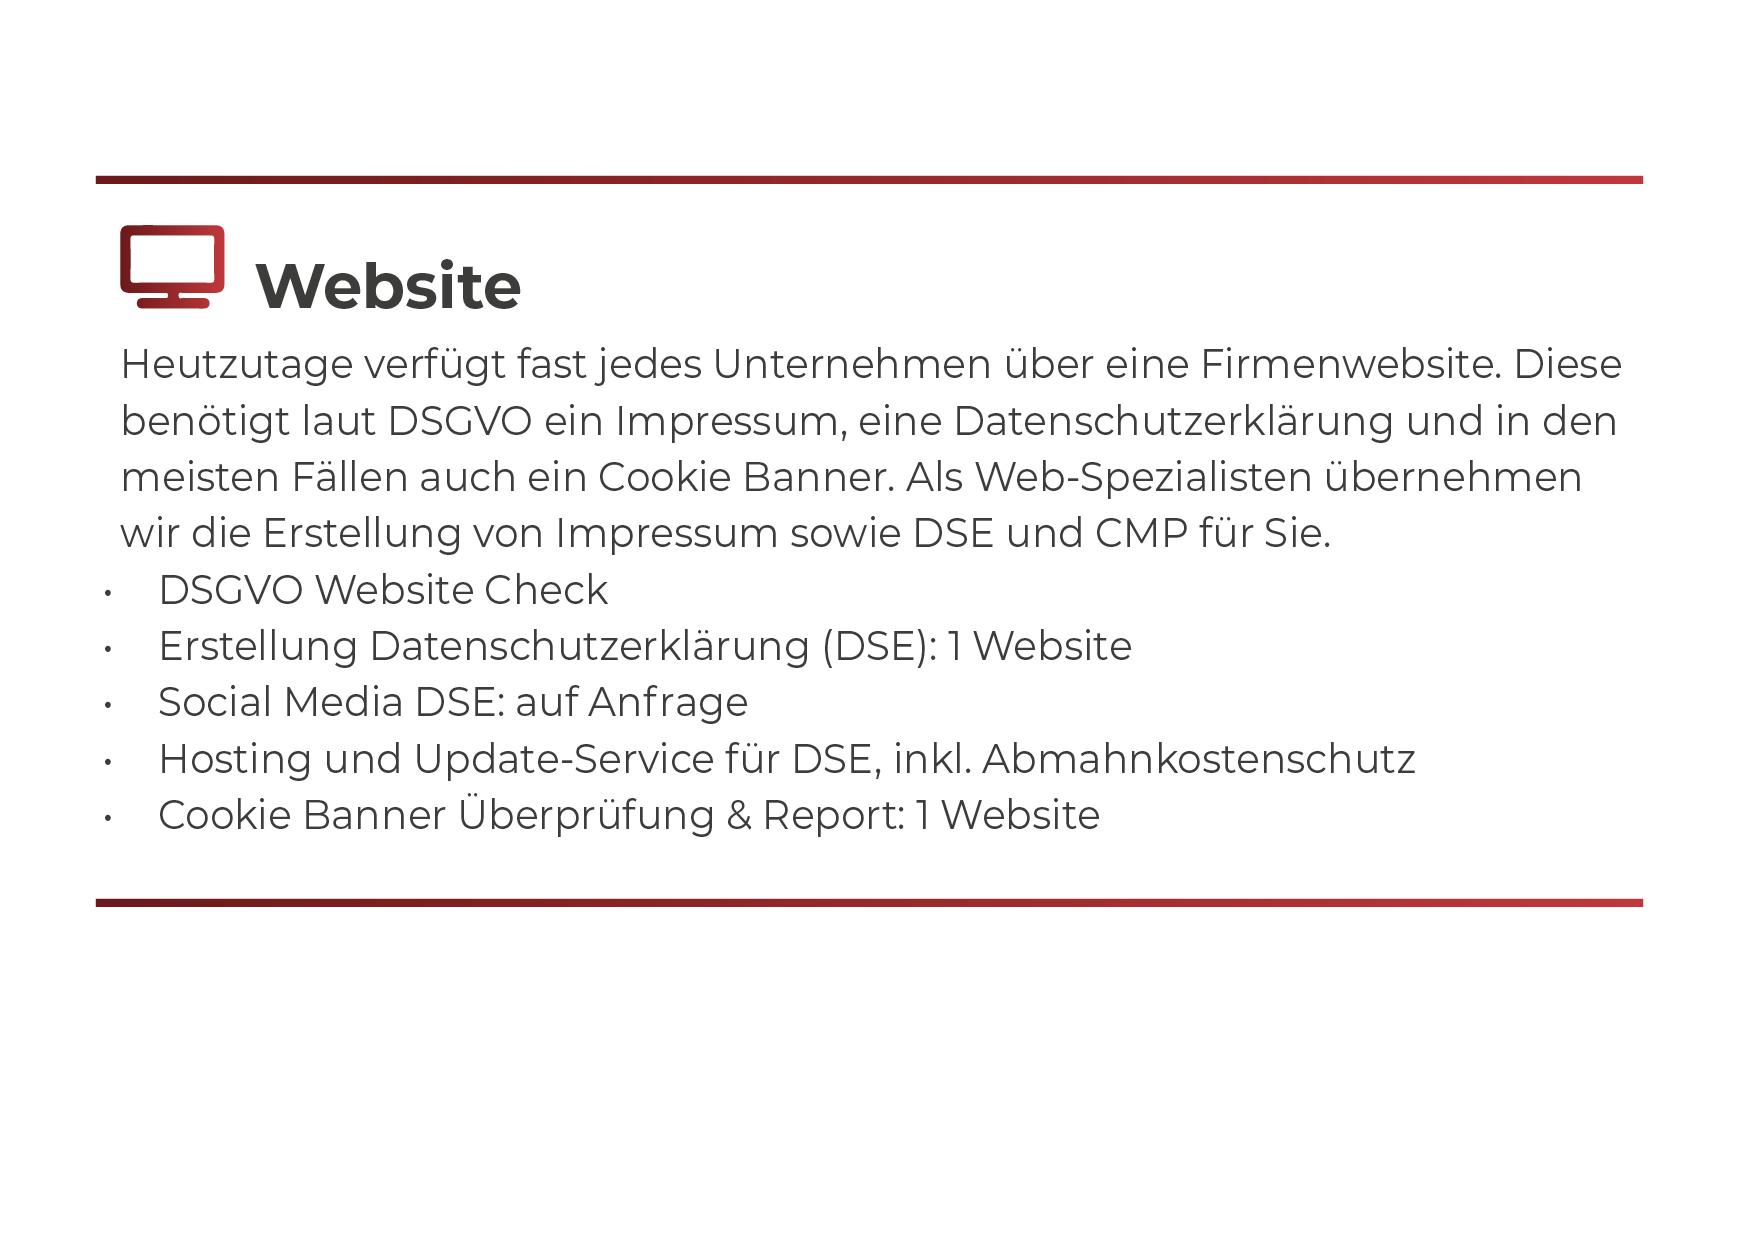 S_website